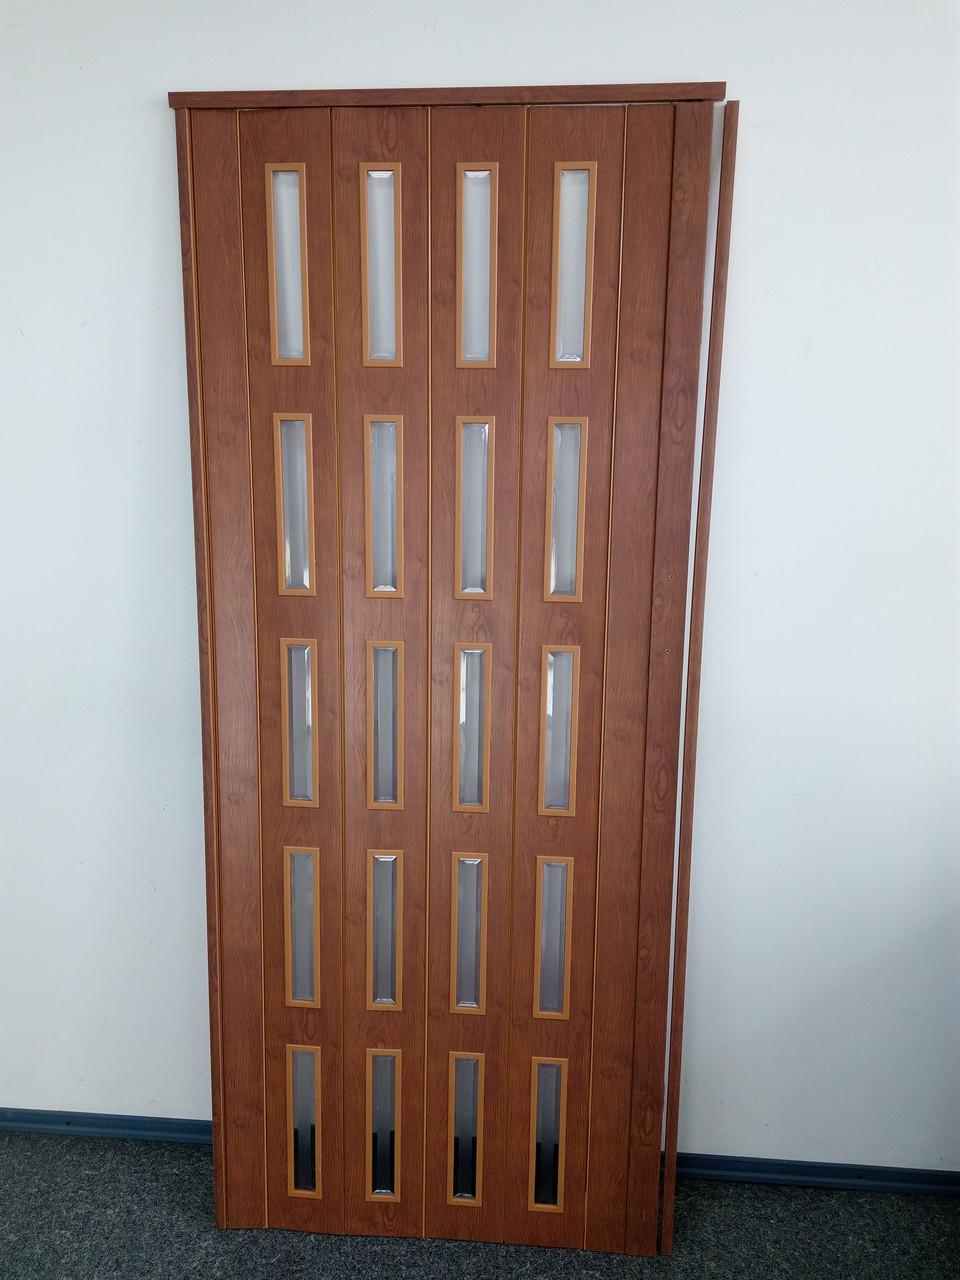 Дверь гармошка межкомнатная остекленная ЭКО, дуб канадский, 860*2030*6 мм